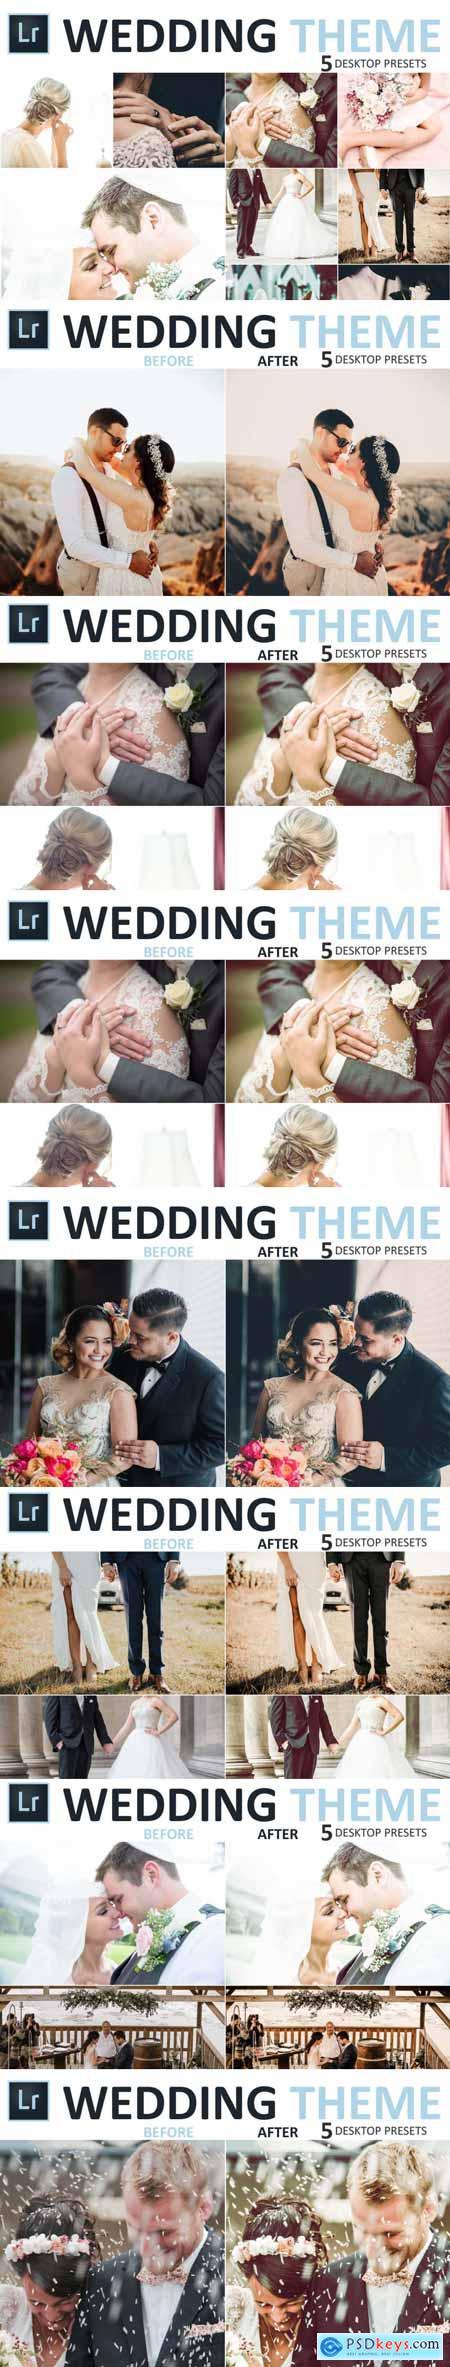 Neo Wedding desktop lightroom Presets 3522911